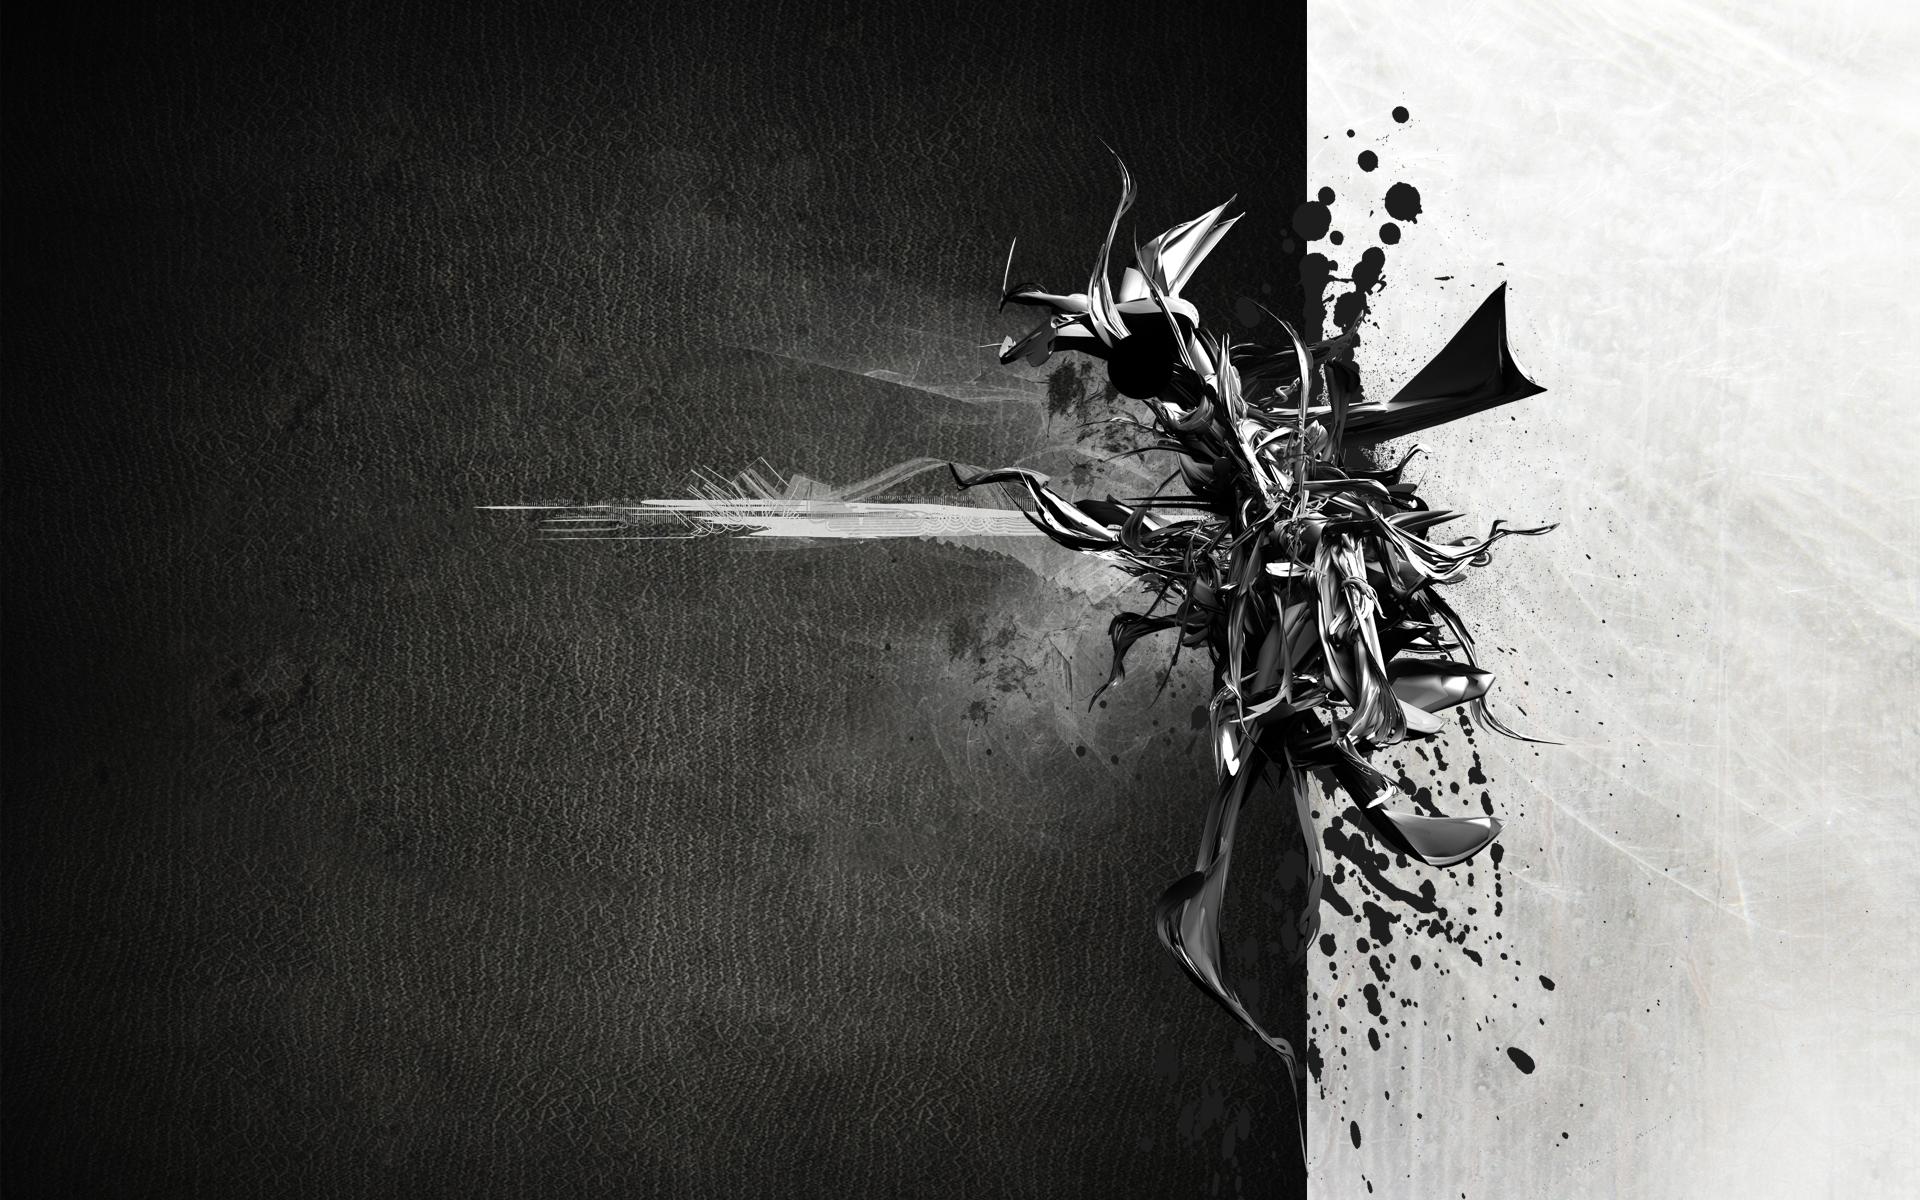 Abstract black white wallpaper mehro 1920x1200